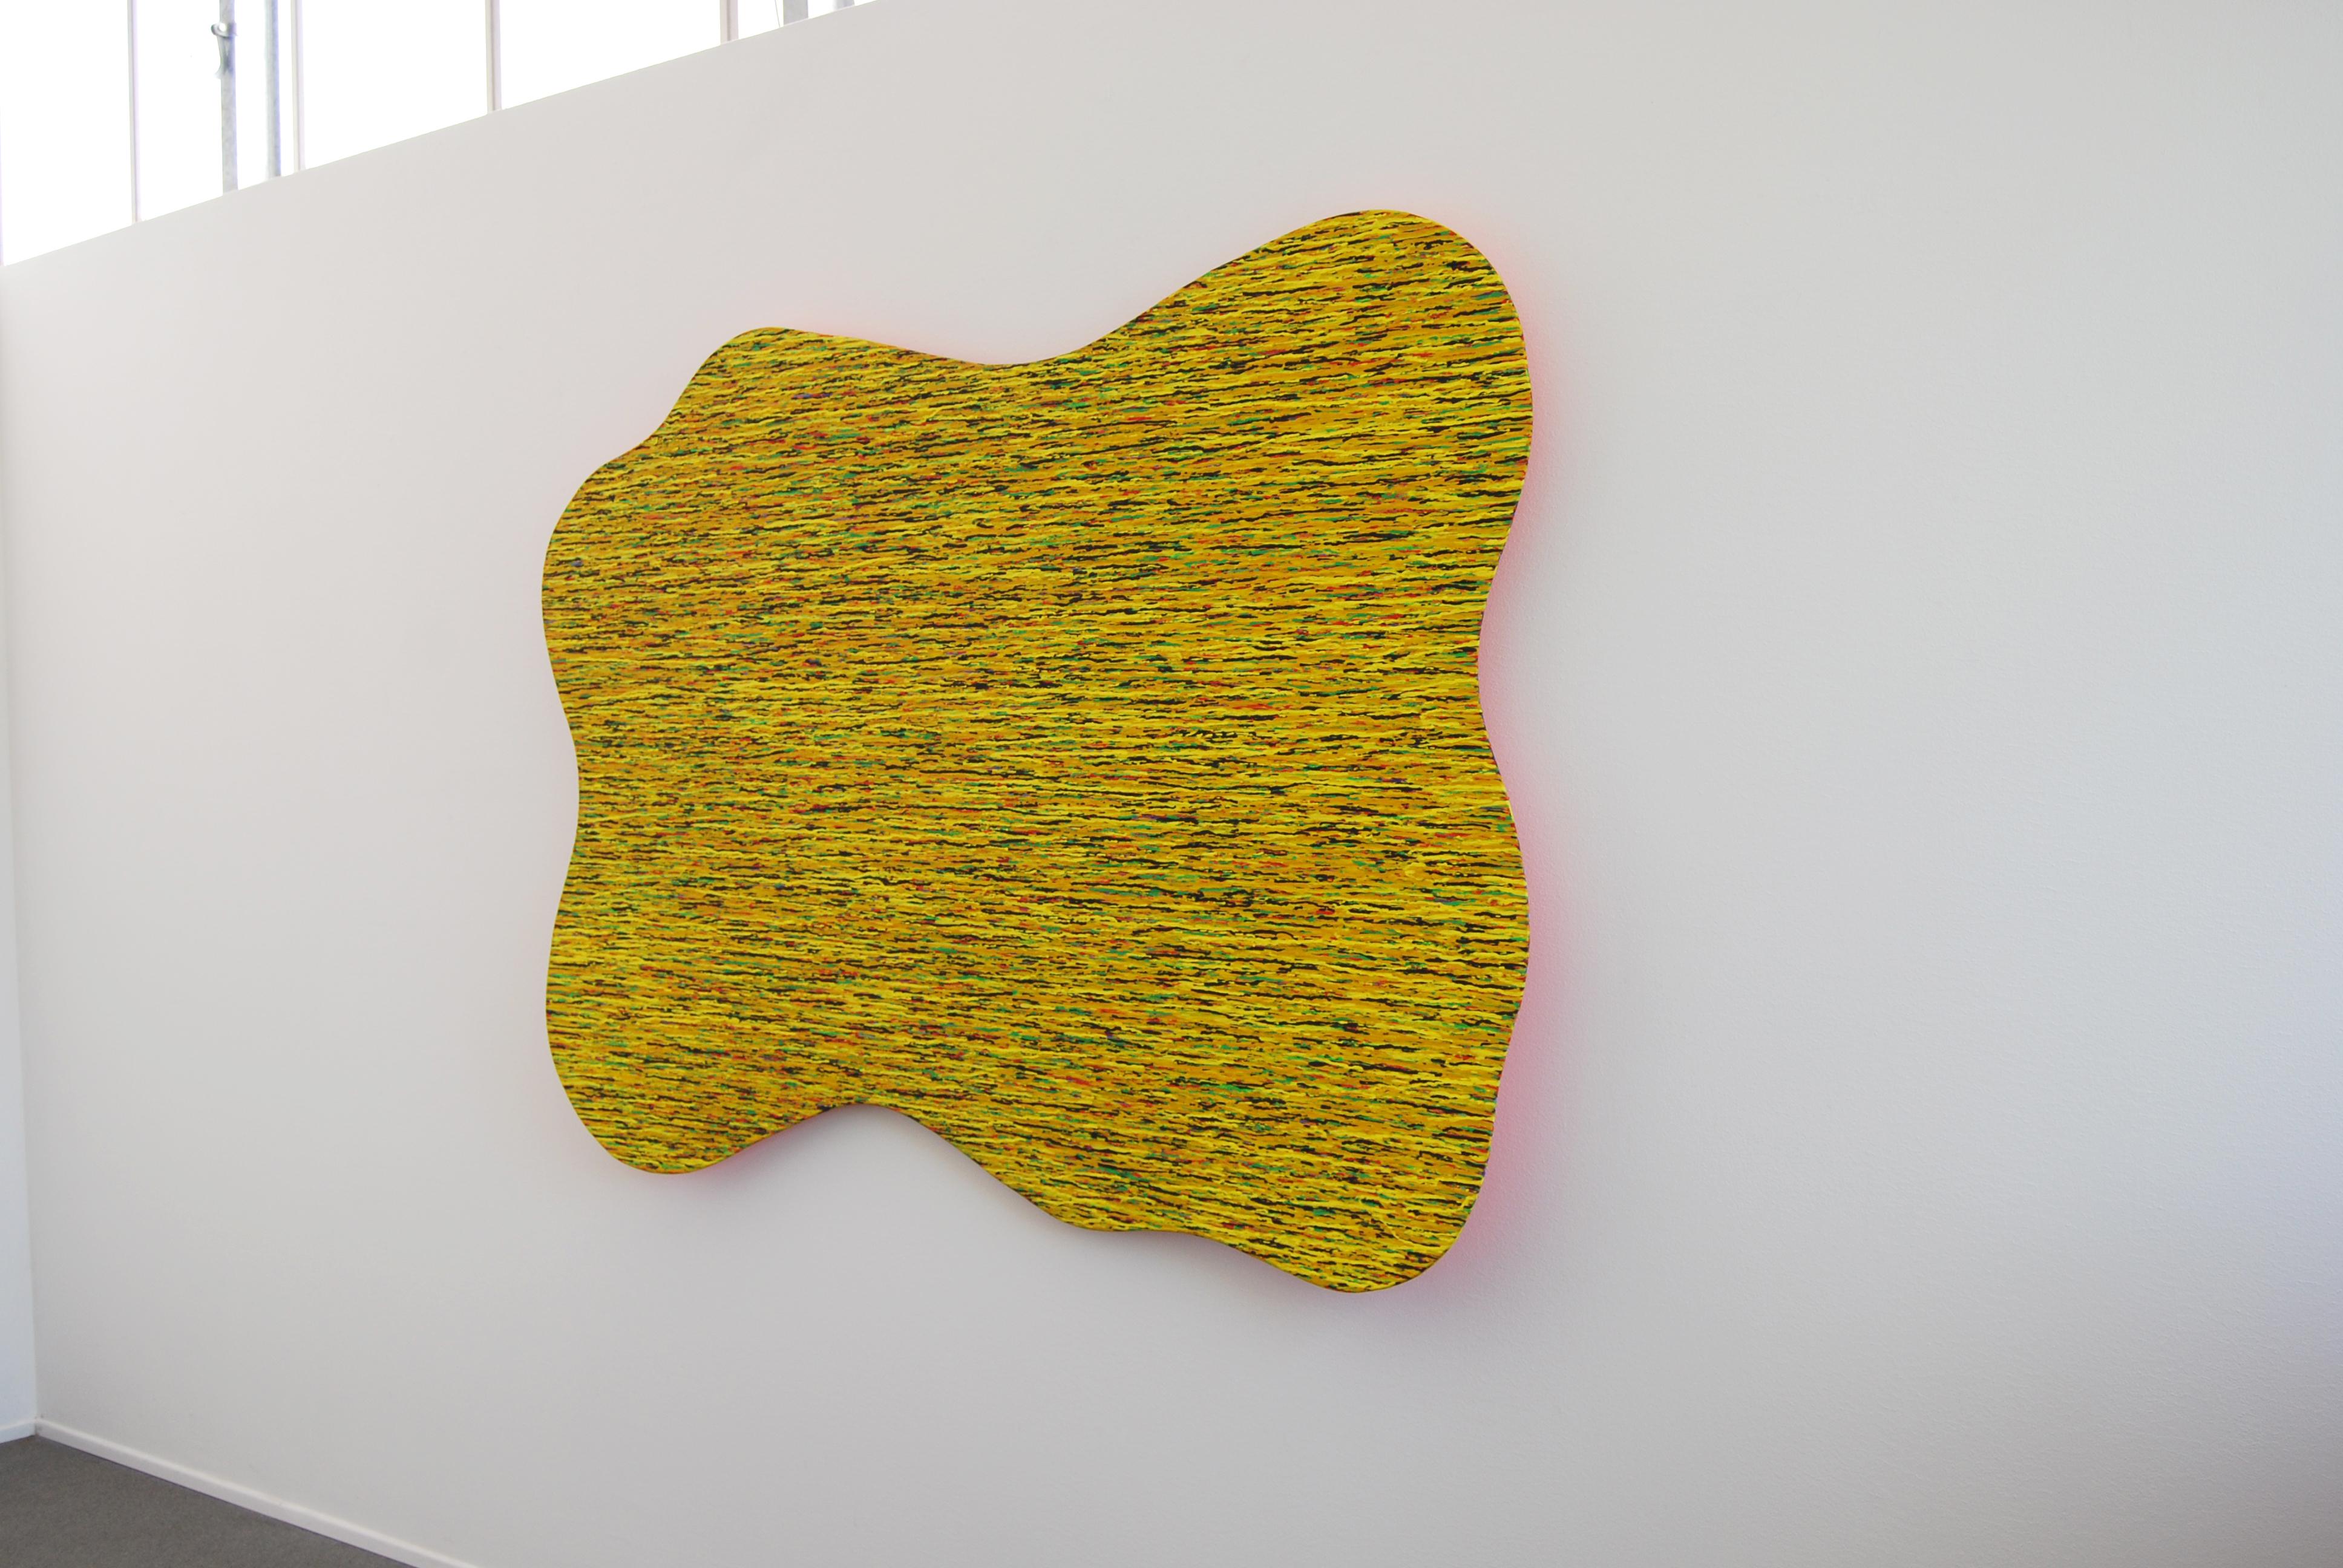 gr.Gelb, Mischtechnik auf Holz, 170 x 140, 2002